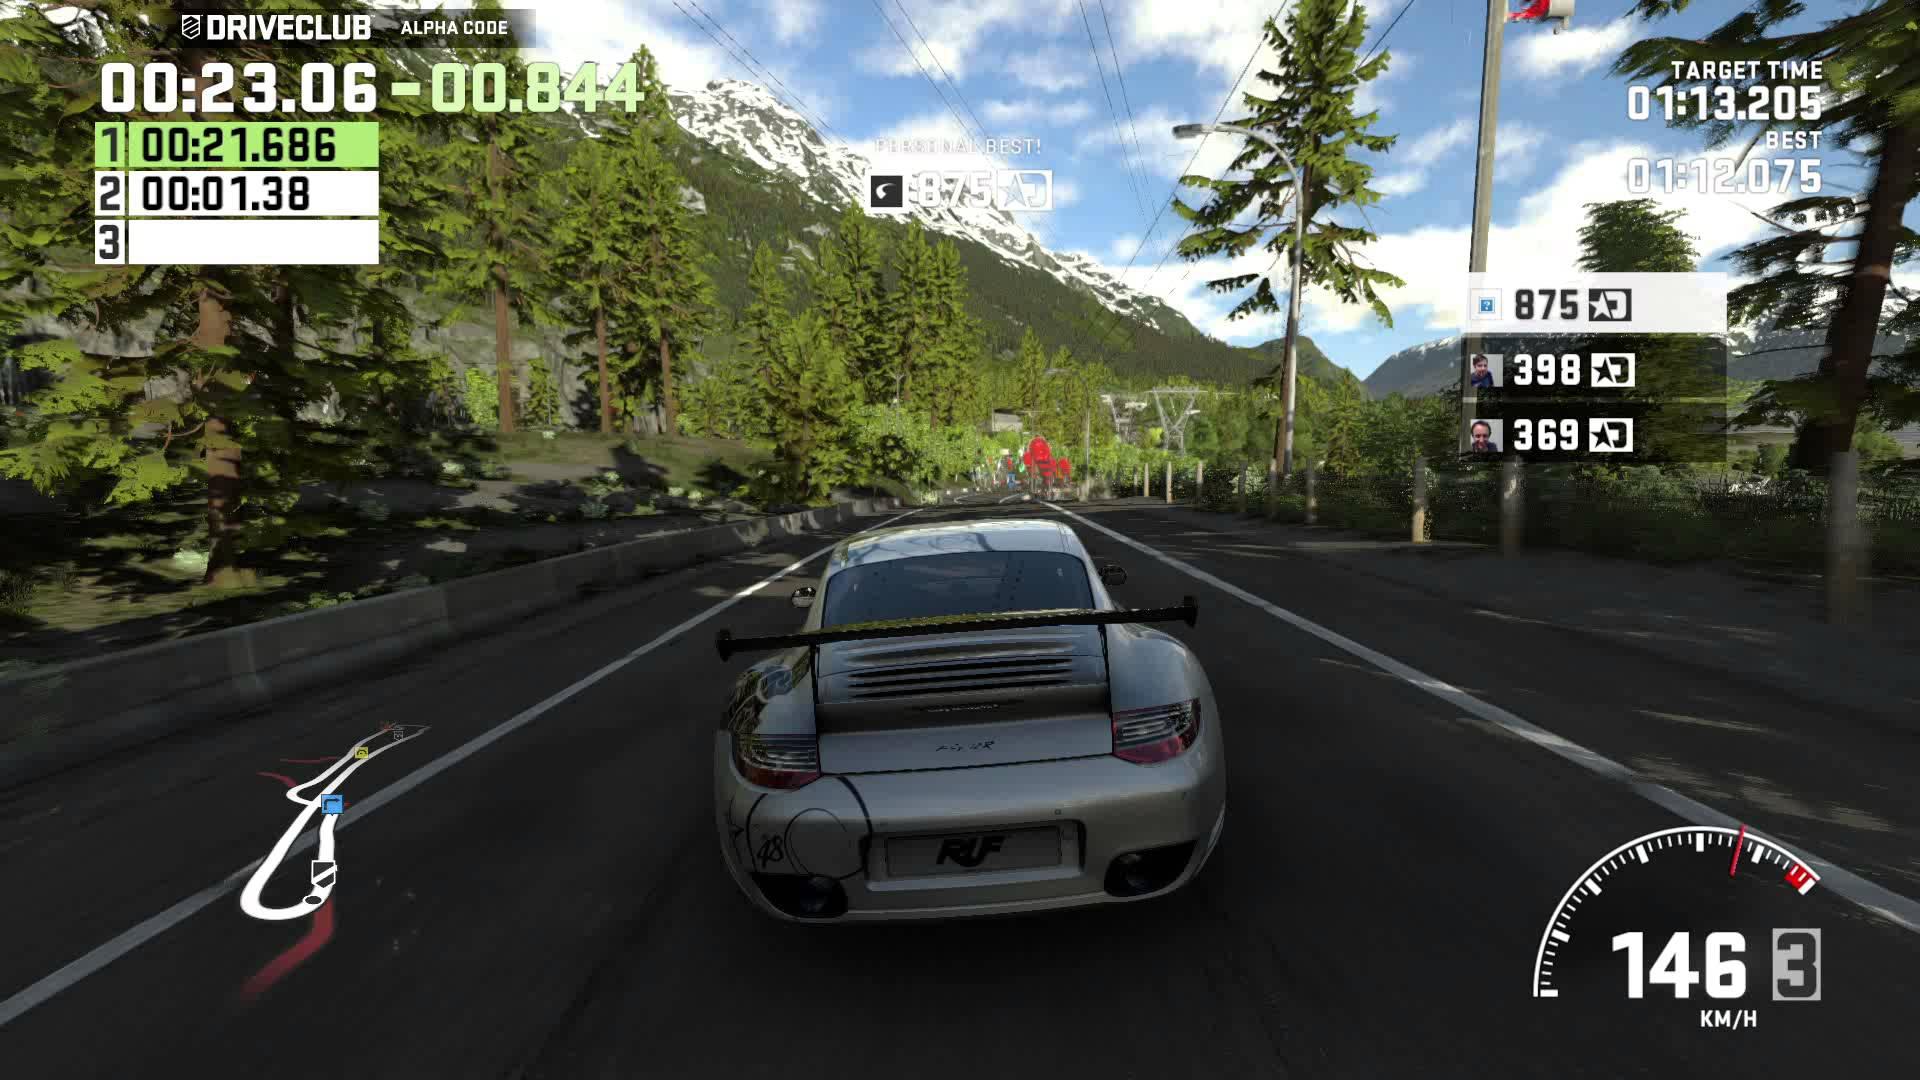 DRIVECLUB podría llegar a lanzarse junto a PS4 en Japón